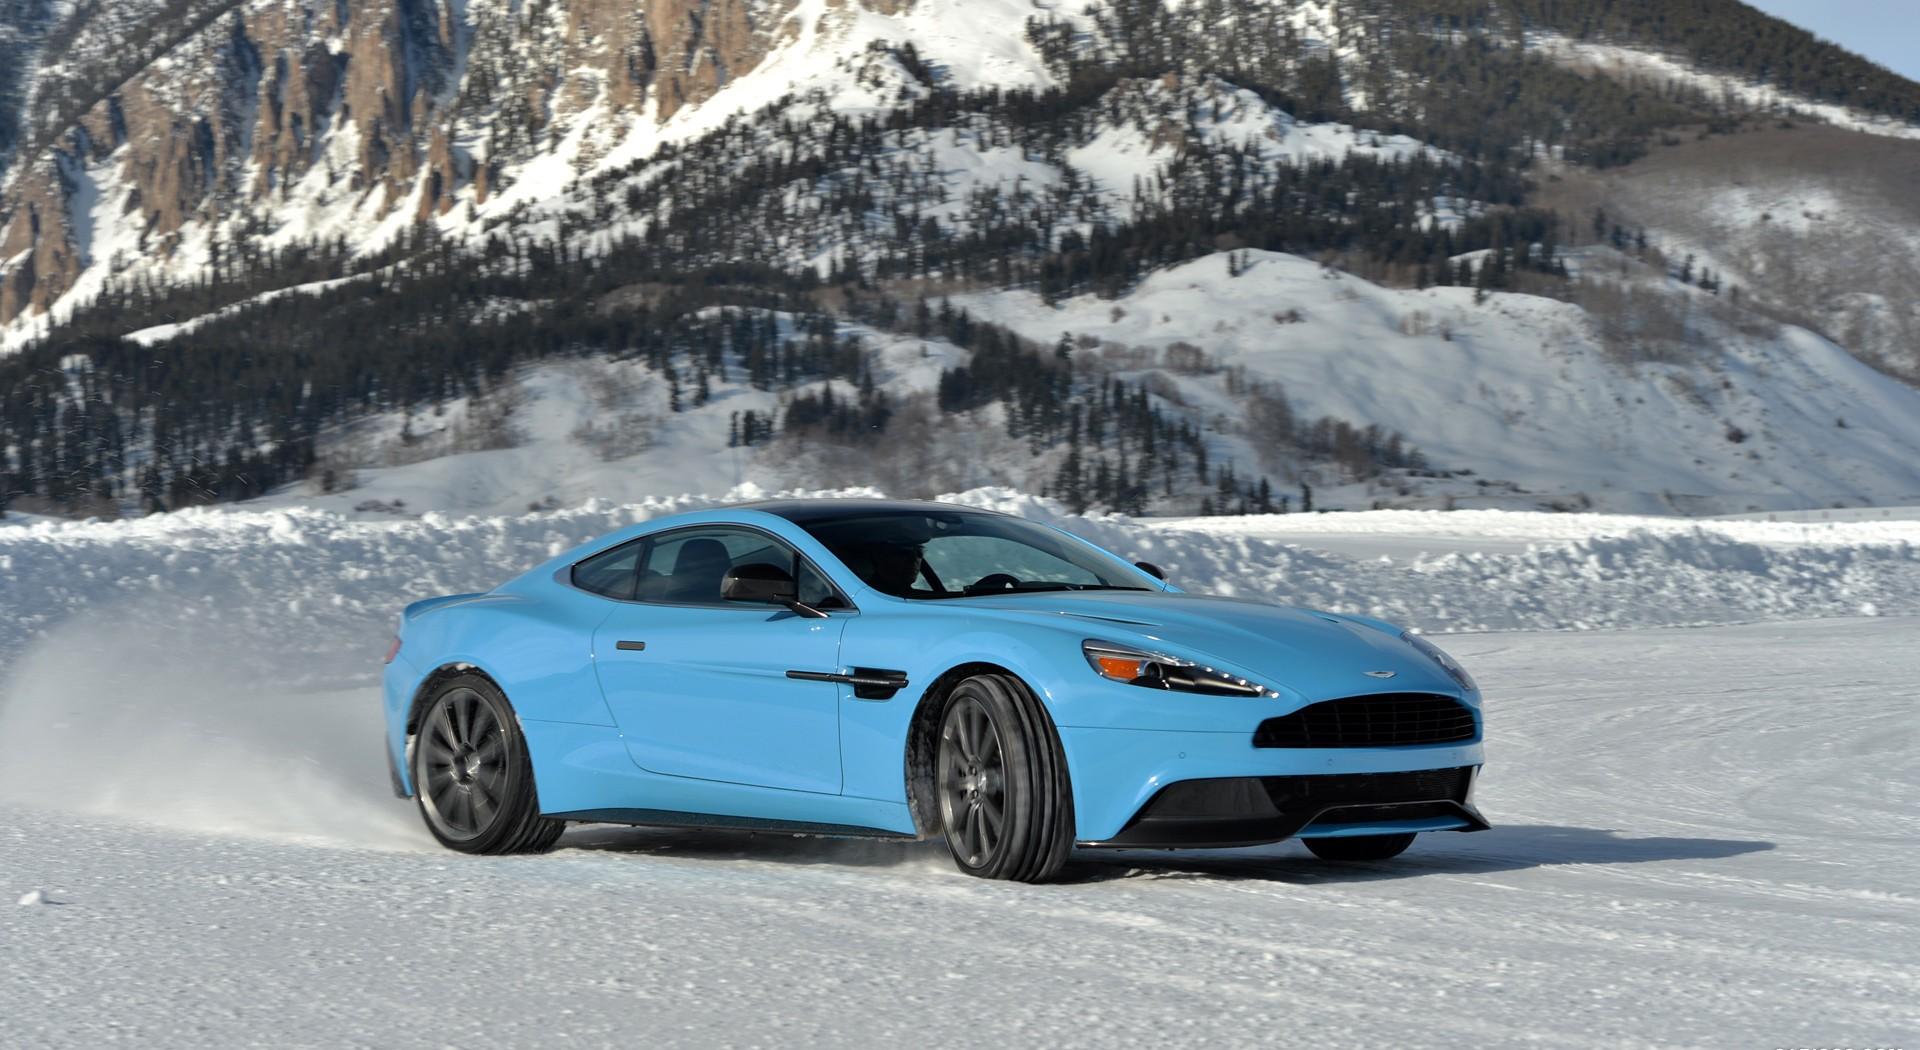 Aston Martin Vanquish Wallpapers blue A2 - HD Desktop ...Aston Martin Vanquish Blue